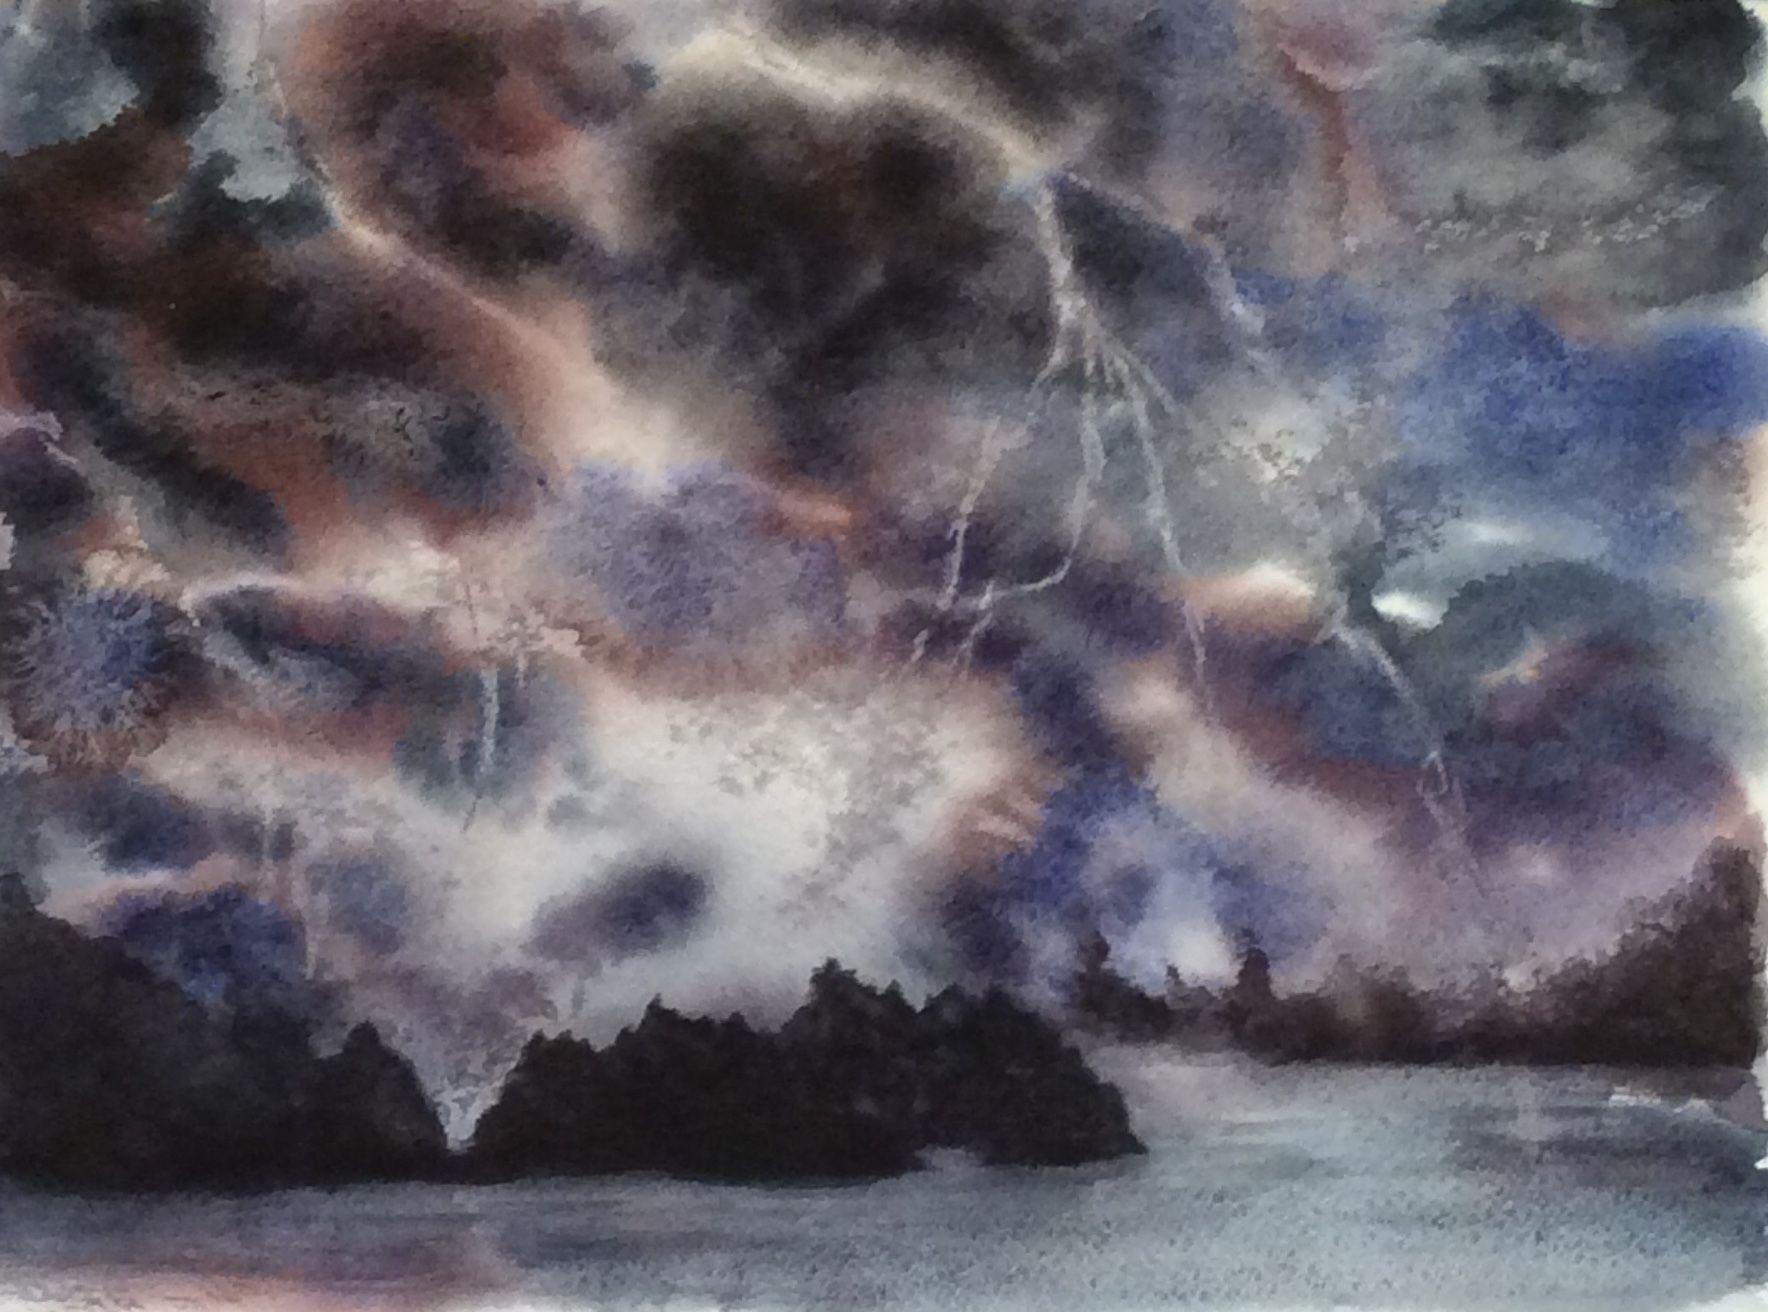 Ciel Nuages Eclairs Orage Mer Paysage Ciel Nuages Eclair Orage